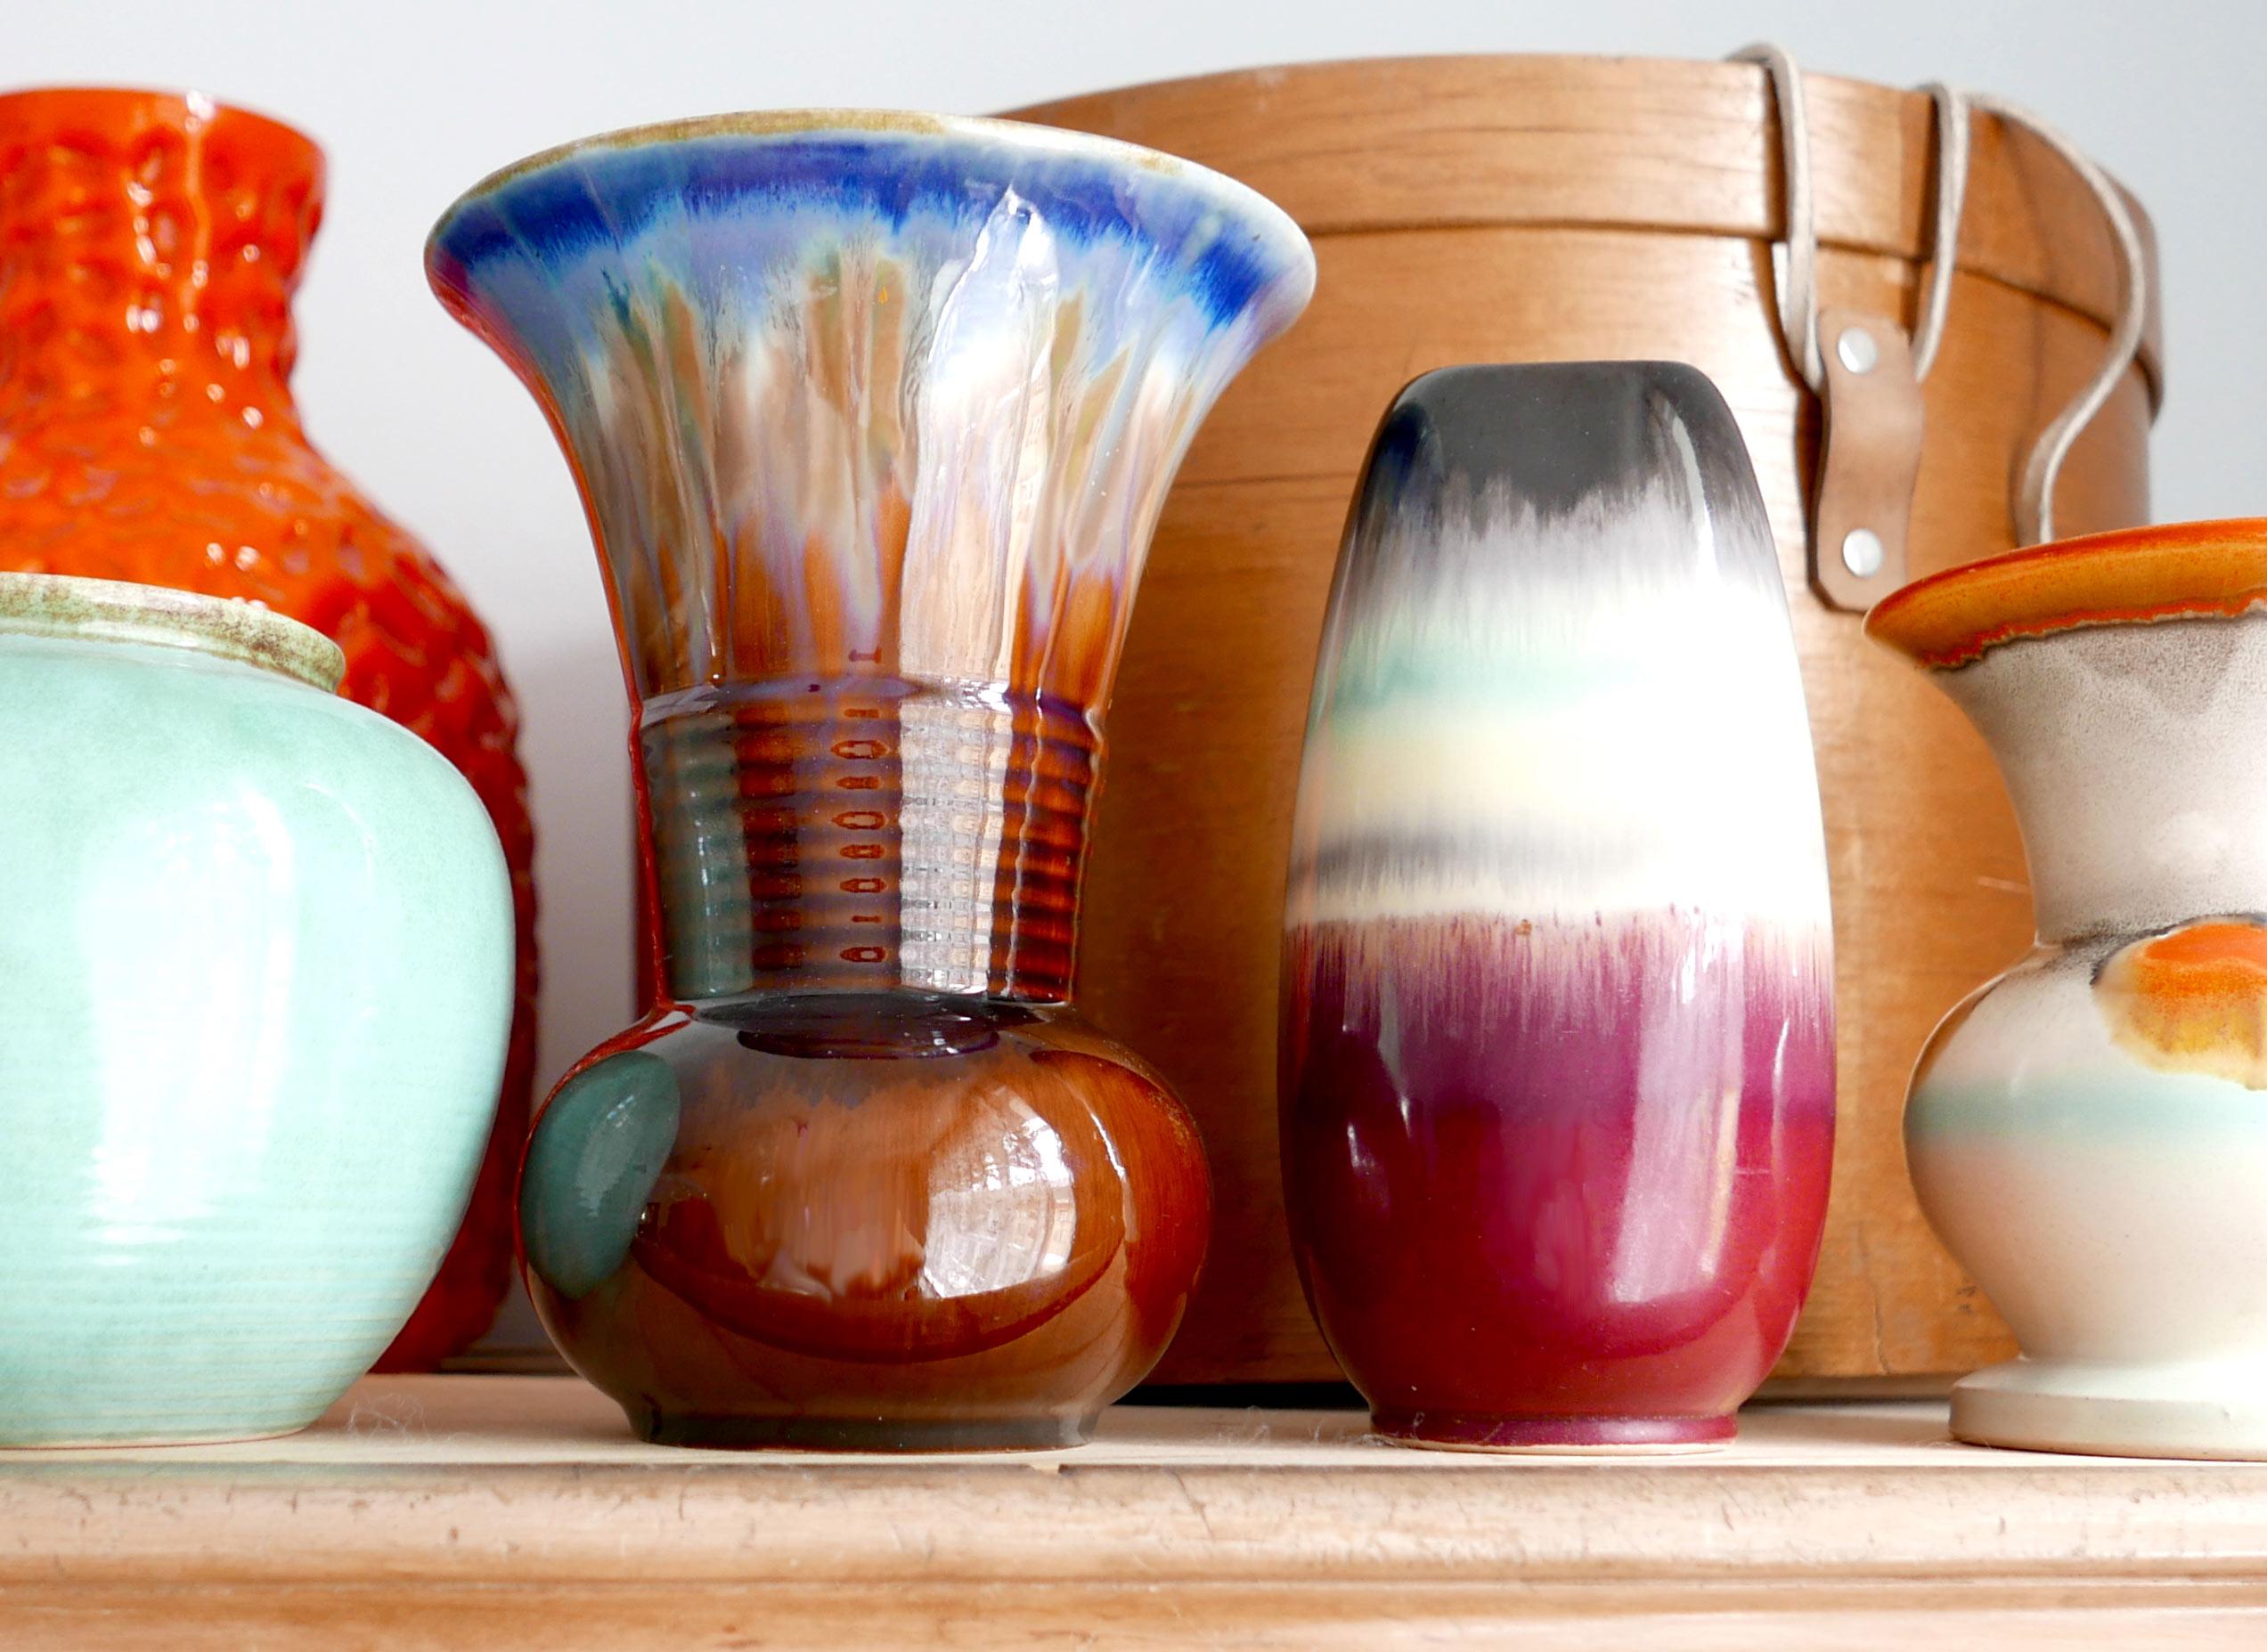 Sammlung der Blumenvasen in verschiedenen Farben Varbverläufe